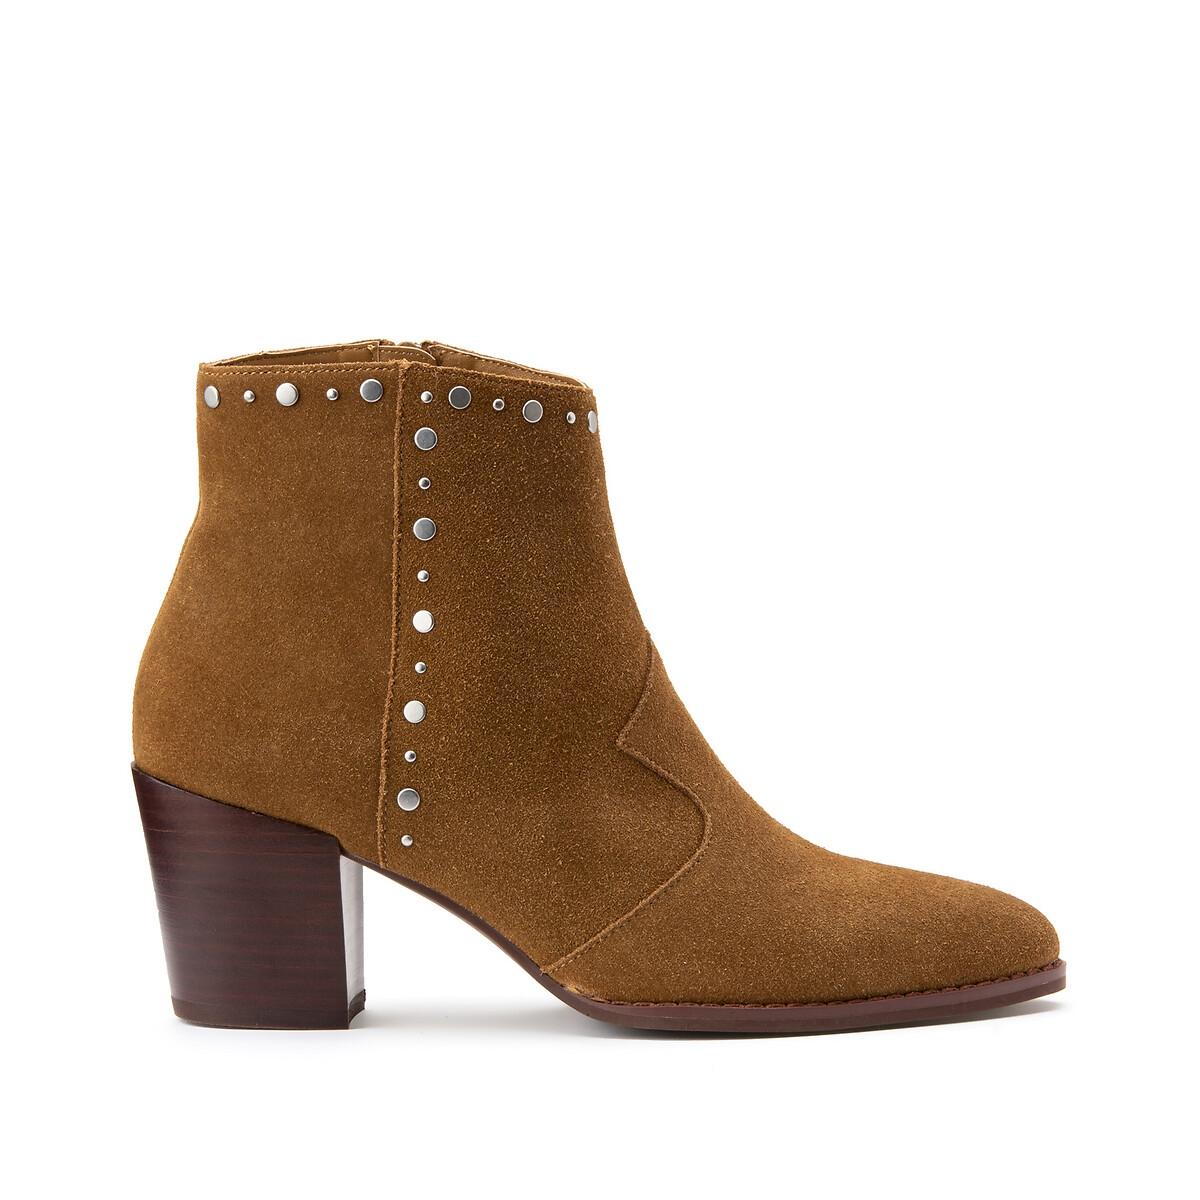 Ботинки LaRedoute Из кожи на широком каблуке отделка заклепками 41 каштановый ботинки laredoute из кожи на широком каблуке с питоновым принтом 39 бежевый